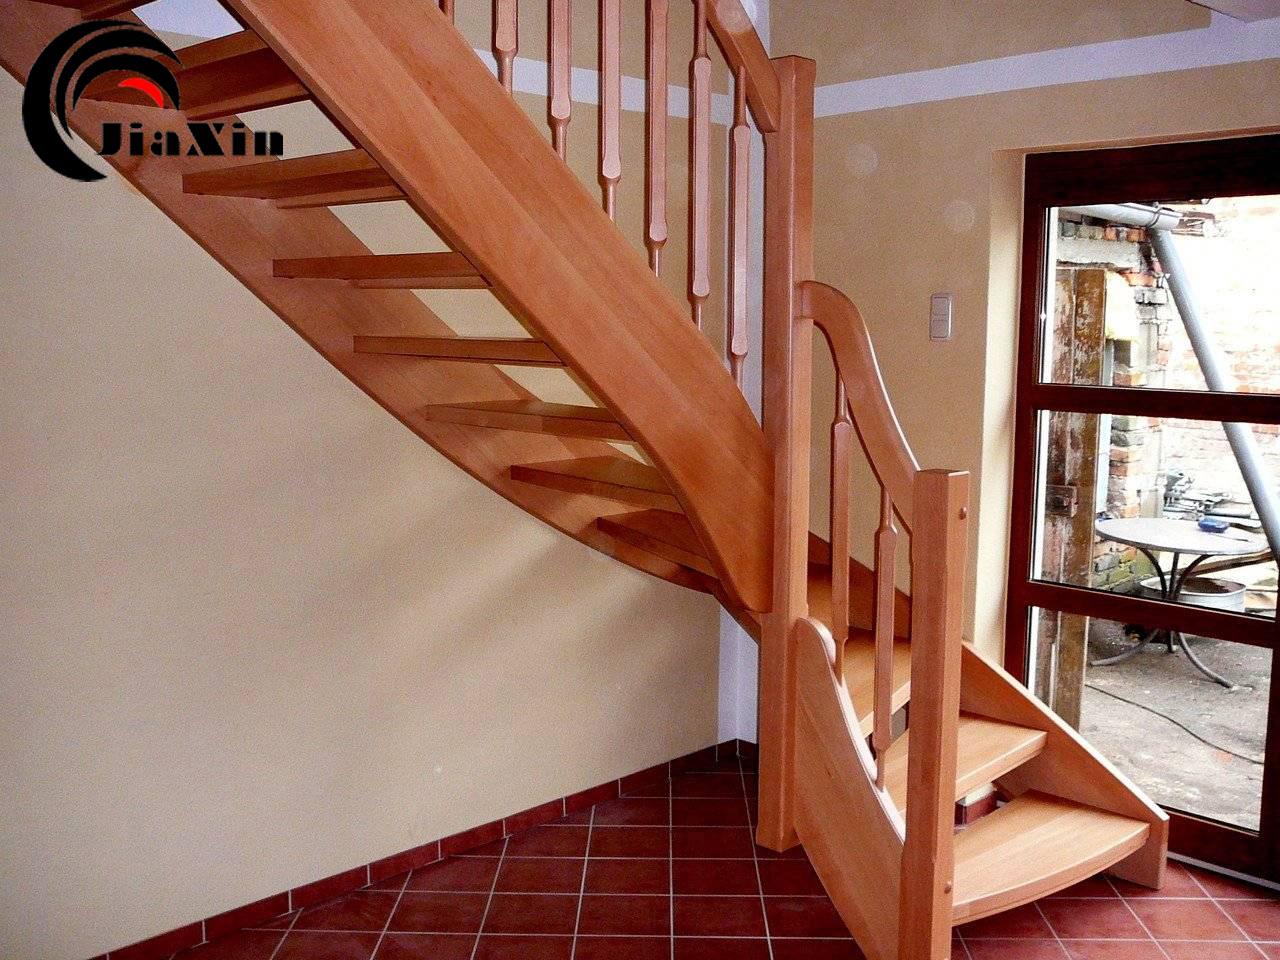 北京楼梯直销阁楼复式楼梯定制室内楼梯设计实木楼梯